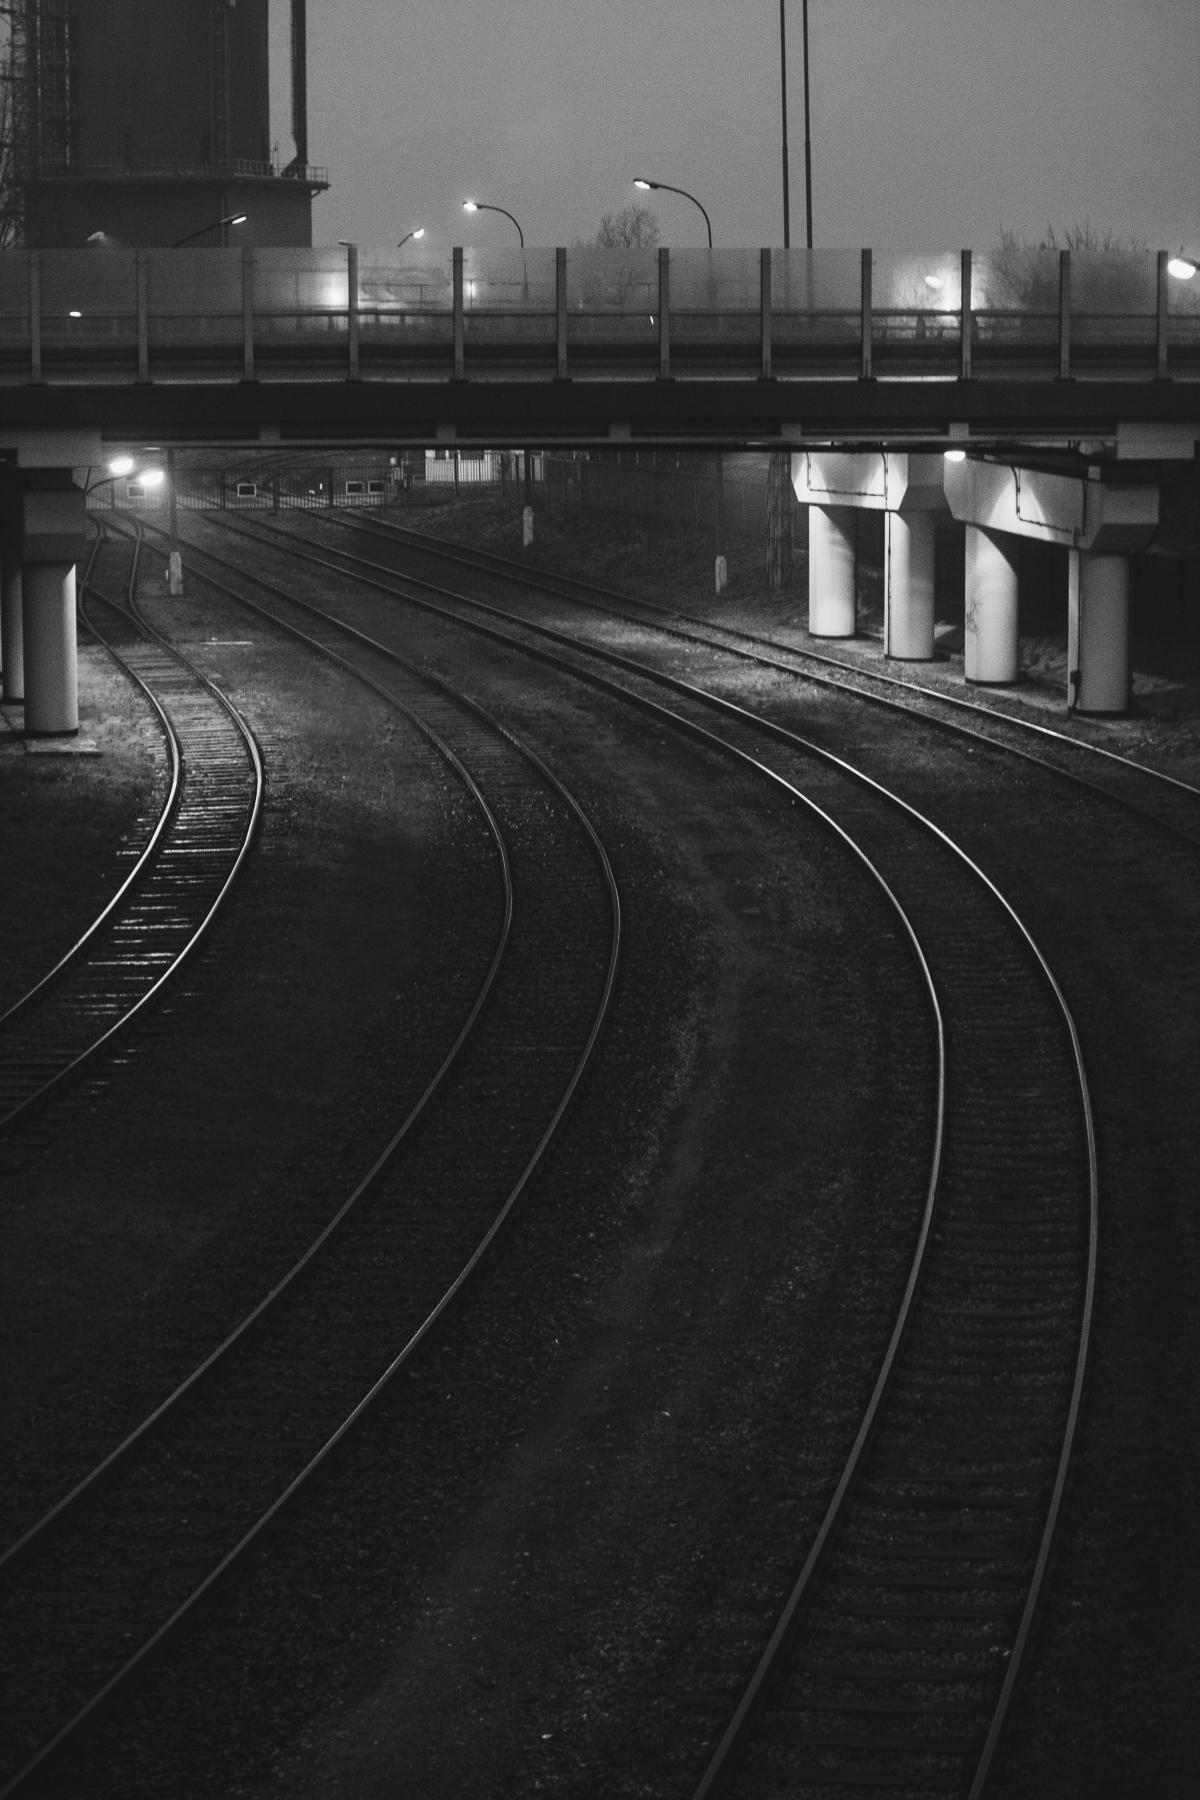 Tunnel Platform Transportation #14566